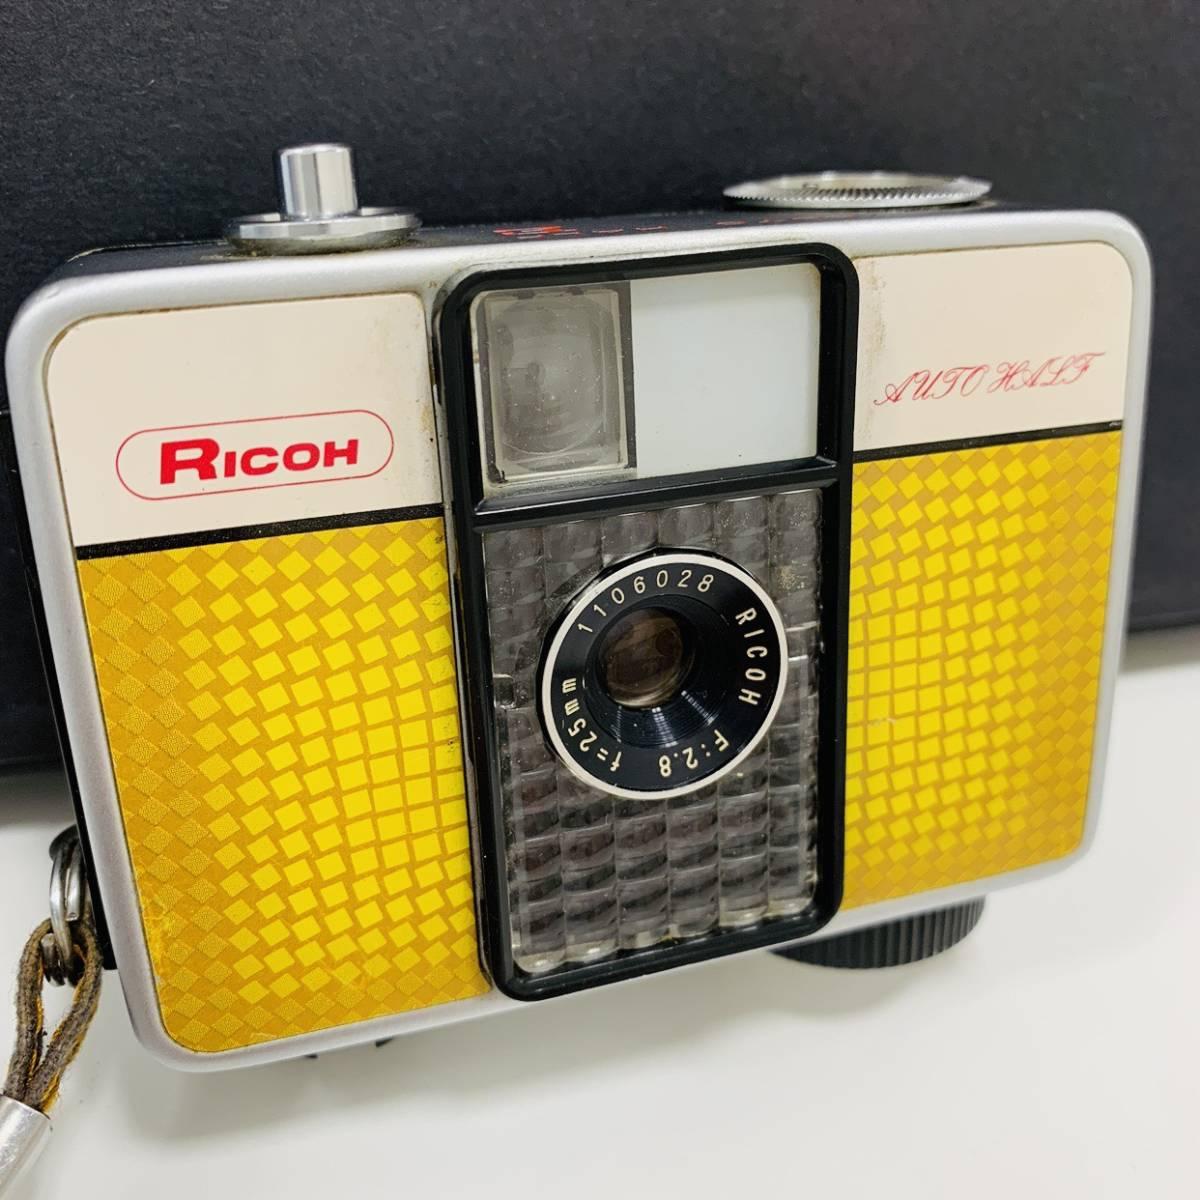 【2954】 RICOH リコー AUTO HALF E F:2.8 f=25mm カメラ 25mm オートハーフ シルバー×イエロー_画像2